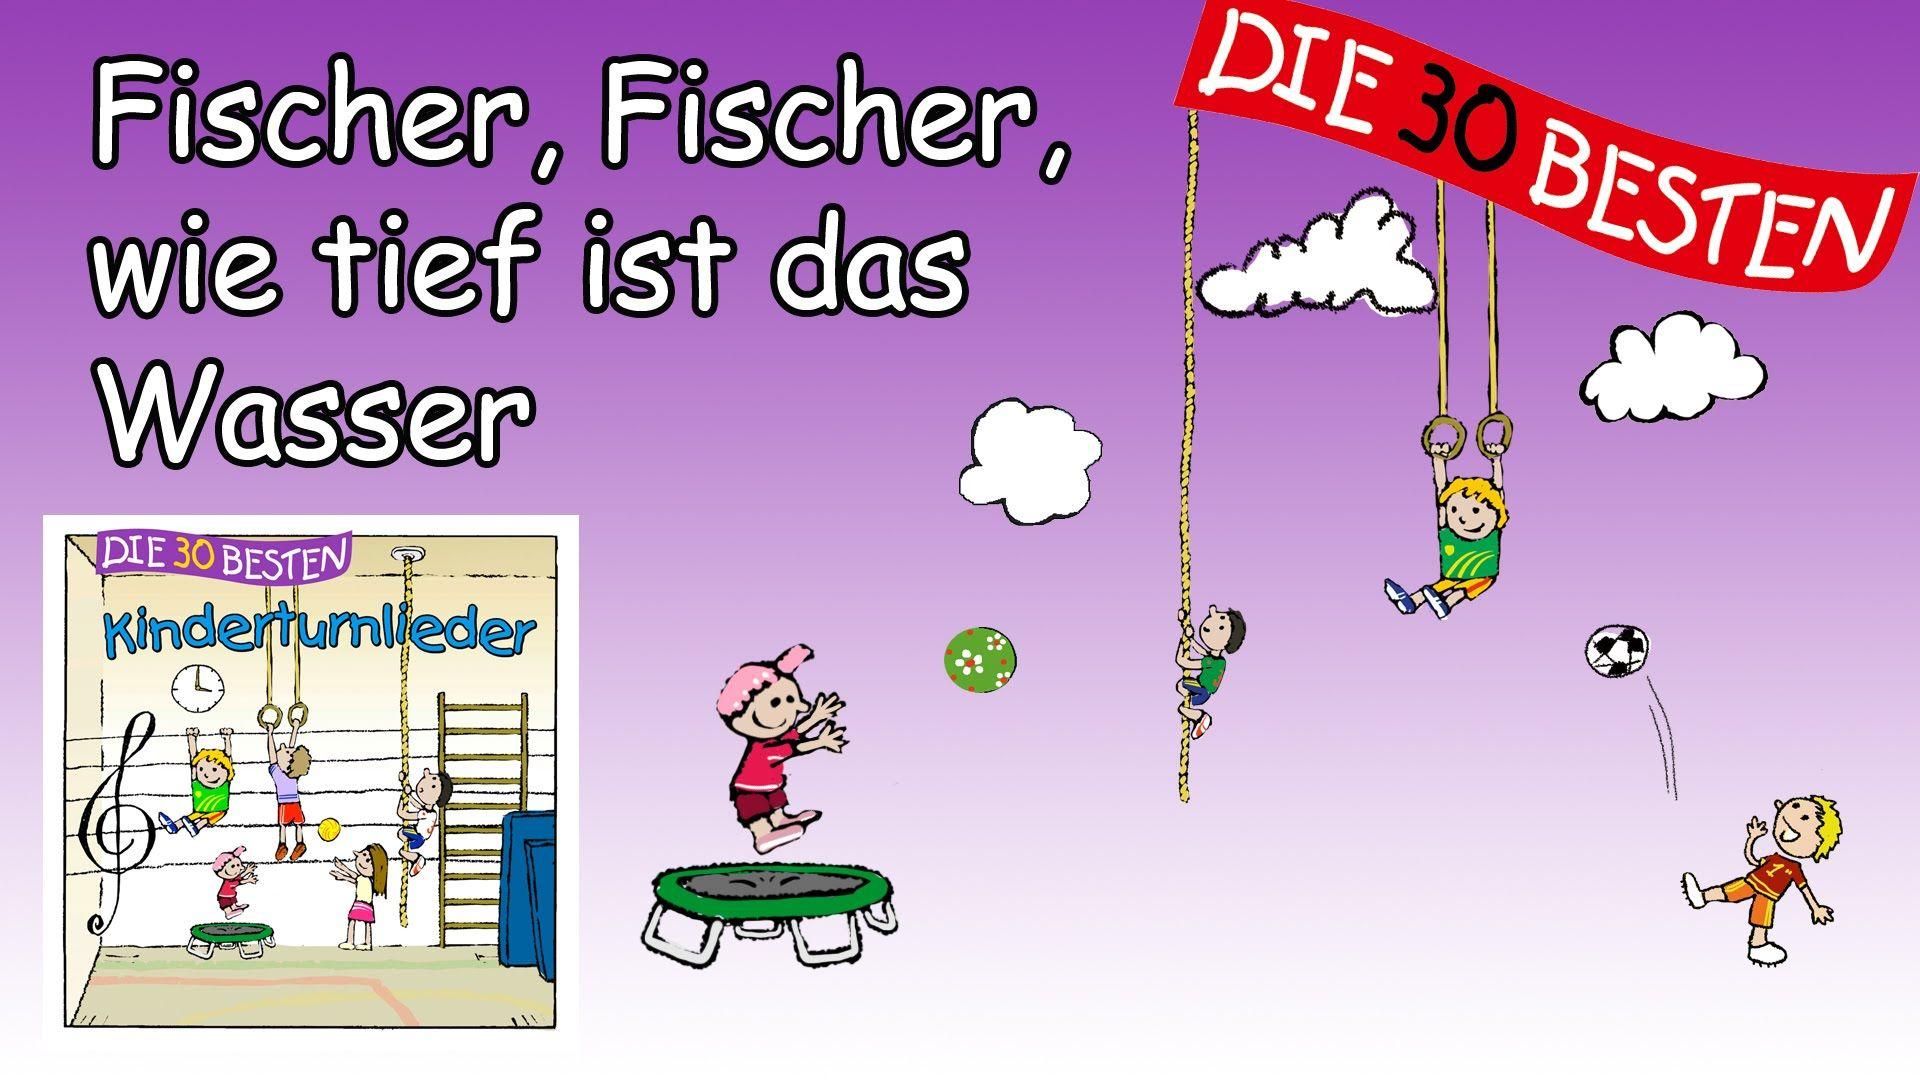 Fischer Fischer Wie Tief